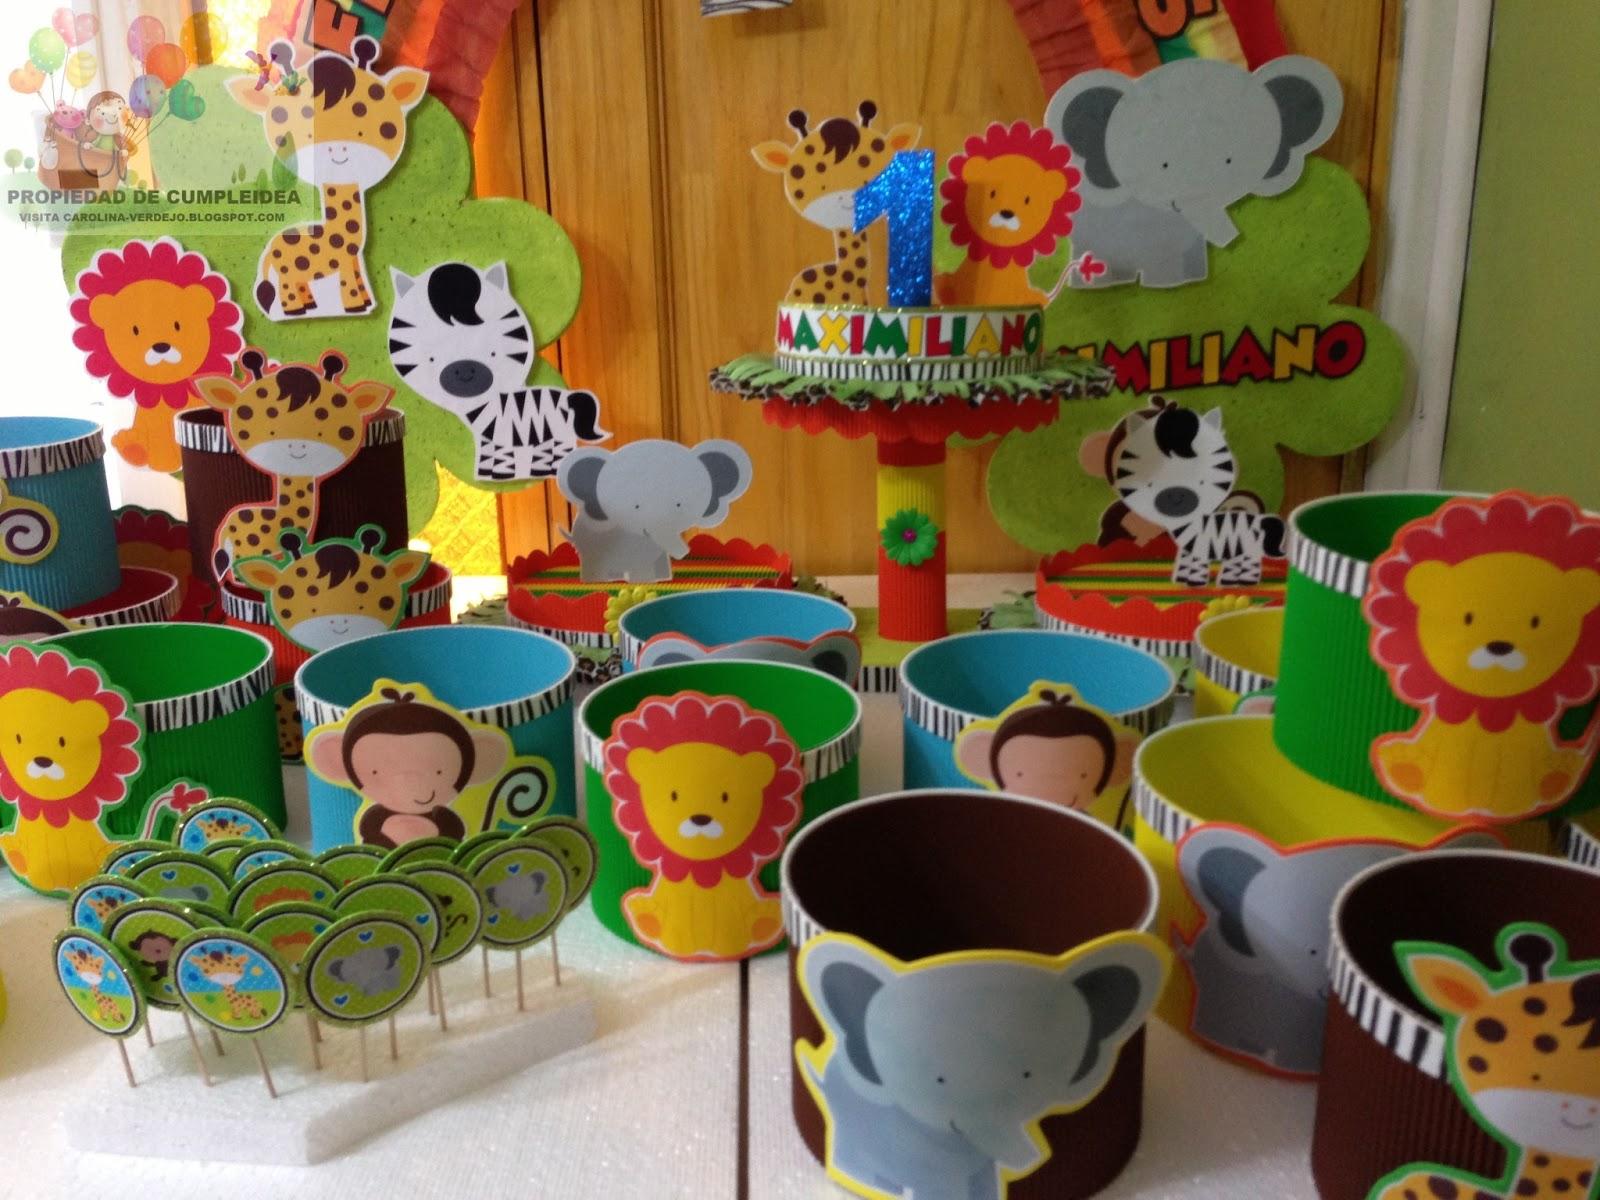 Decoraciones infantiles selva - Decoracion fiesta de cumpleanos infantil ...